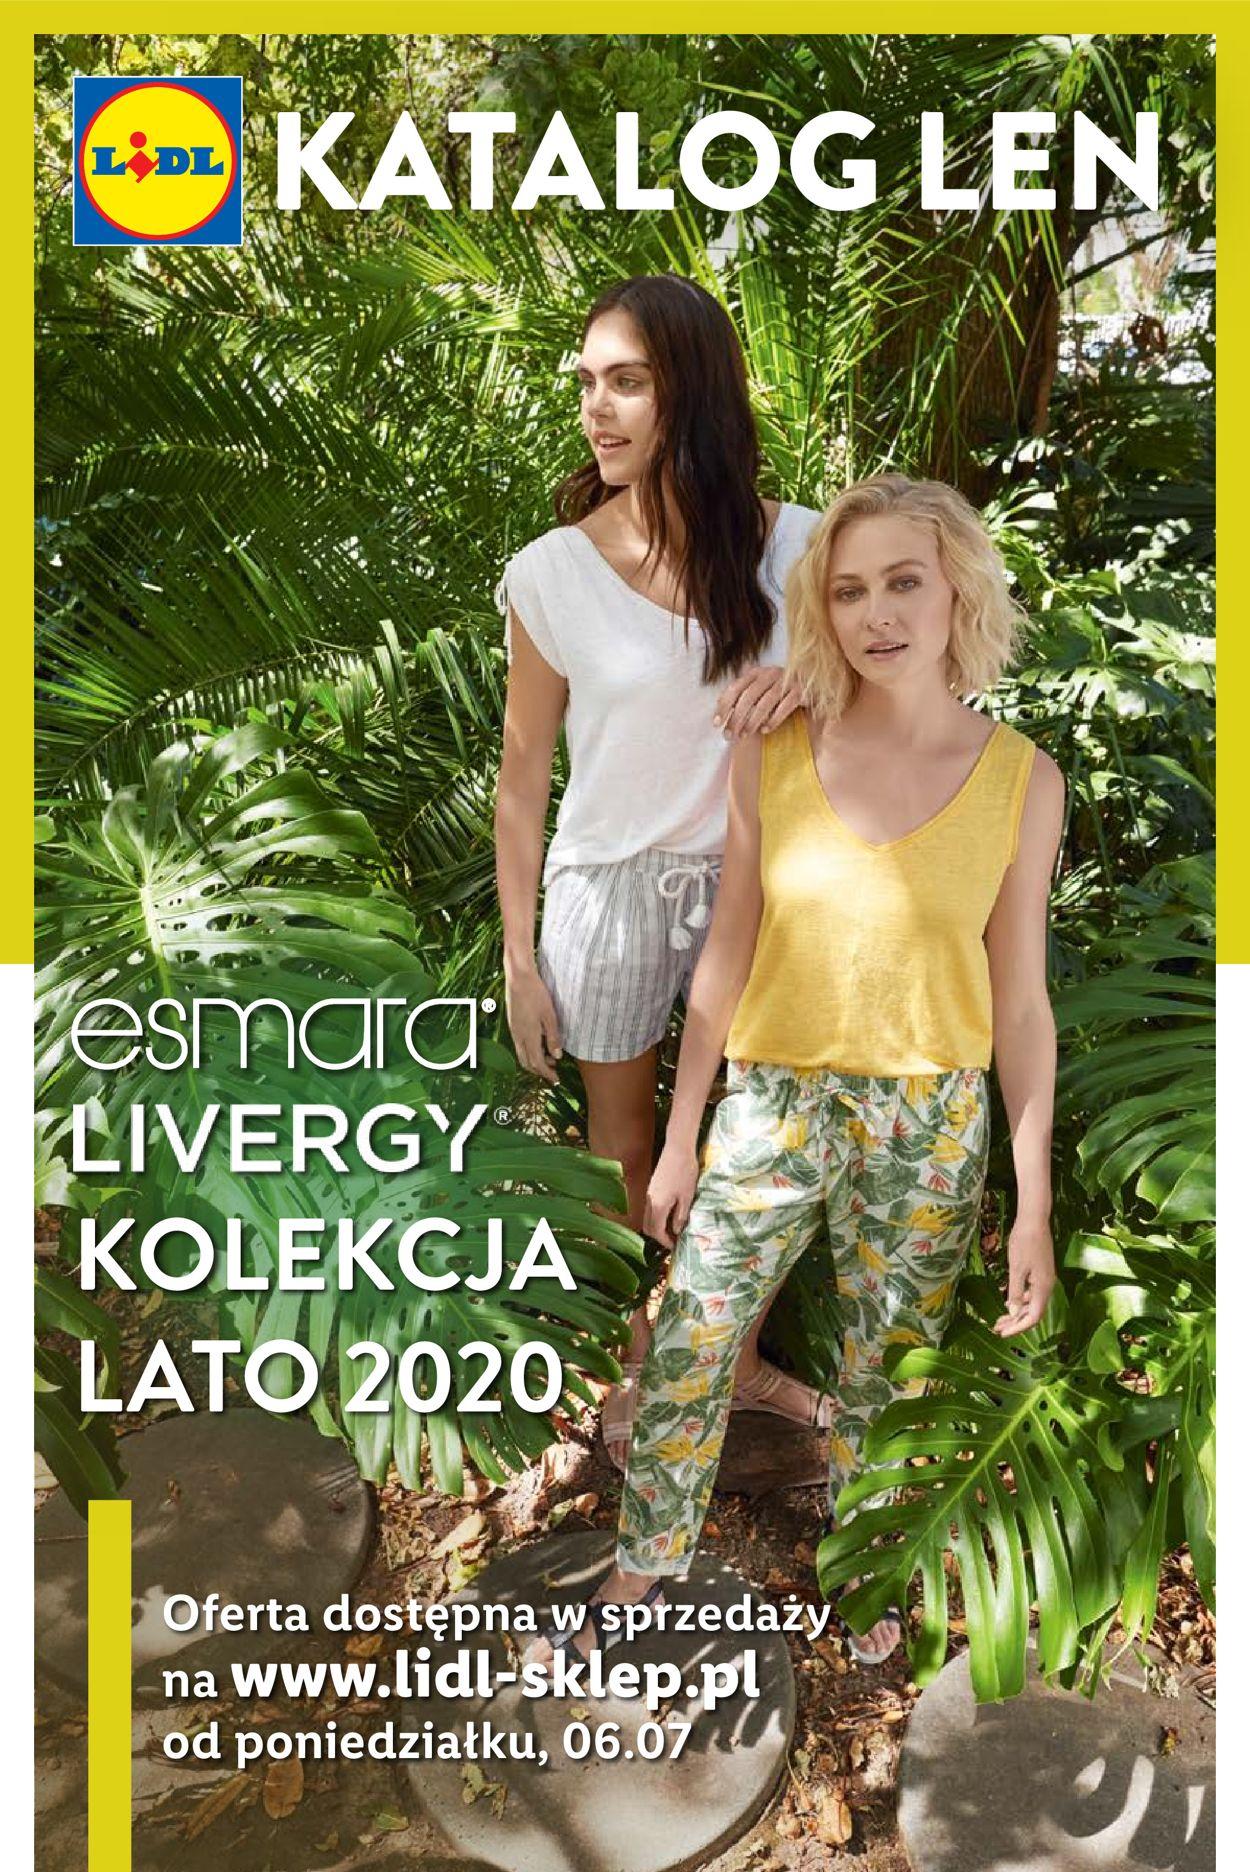 Gazetka promocyjna LIDL - 06.07-31.07.2020